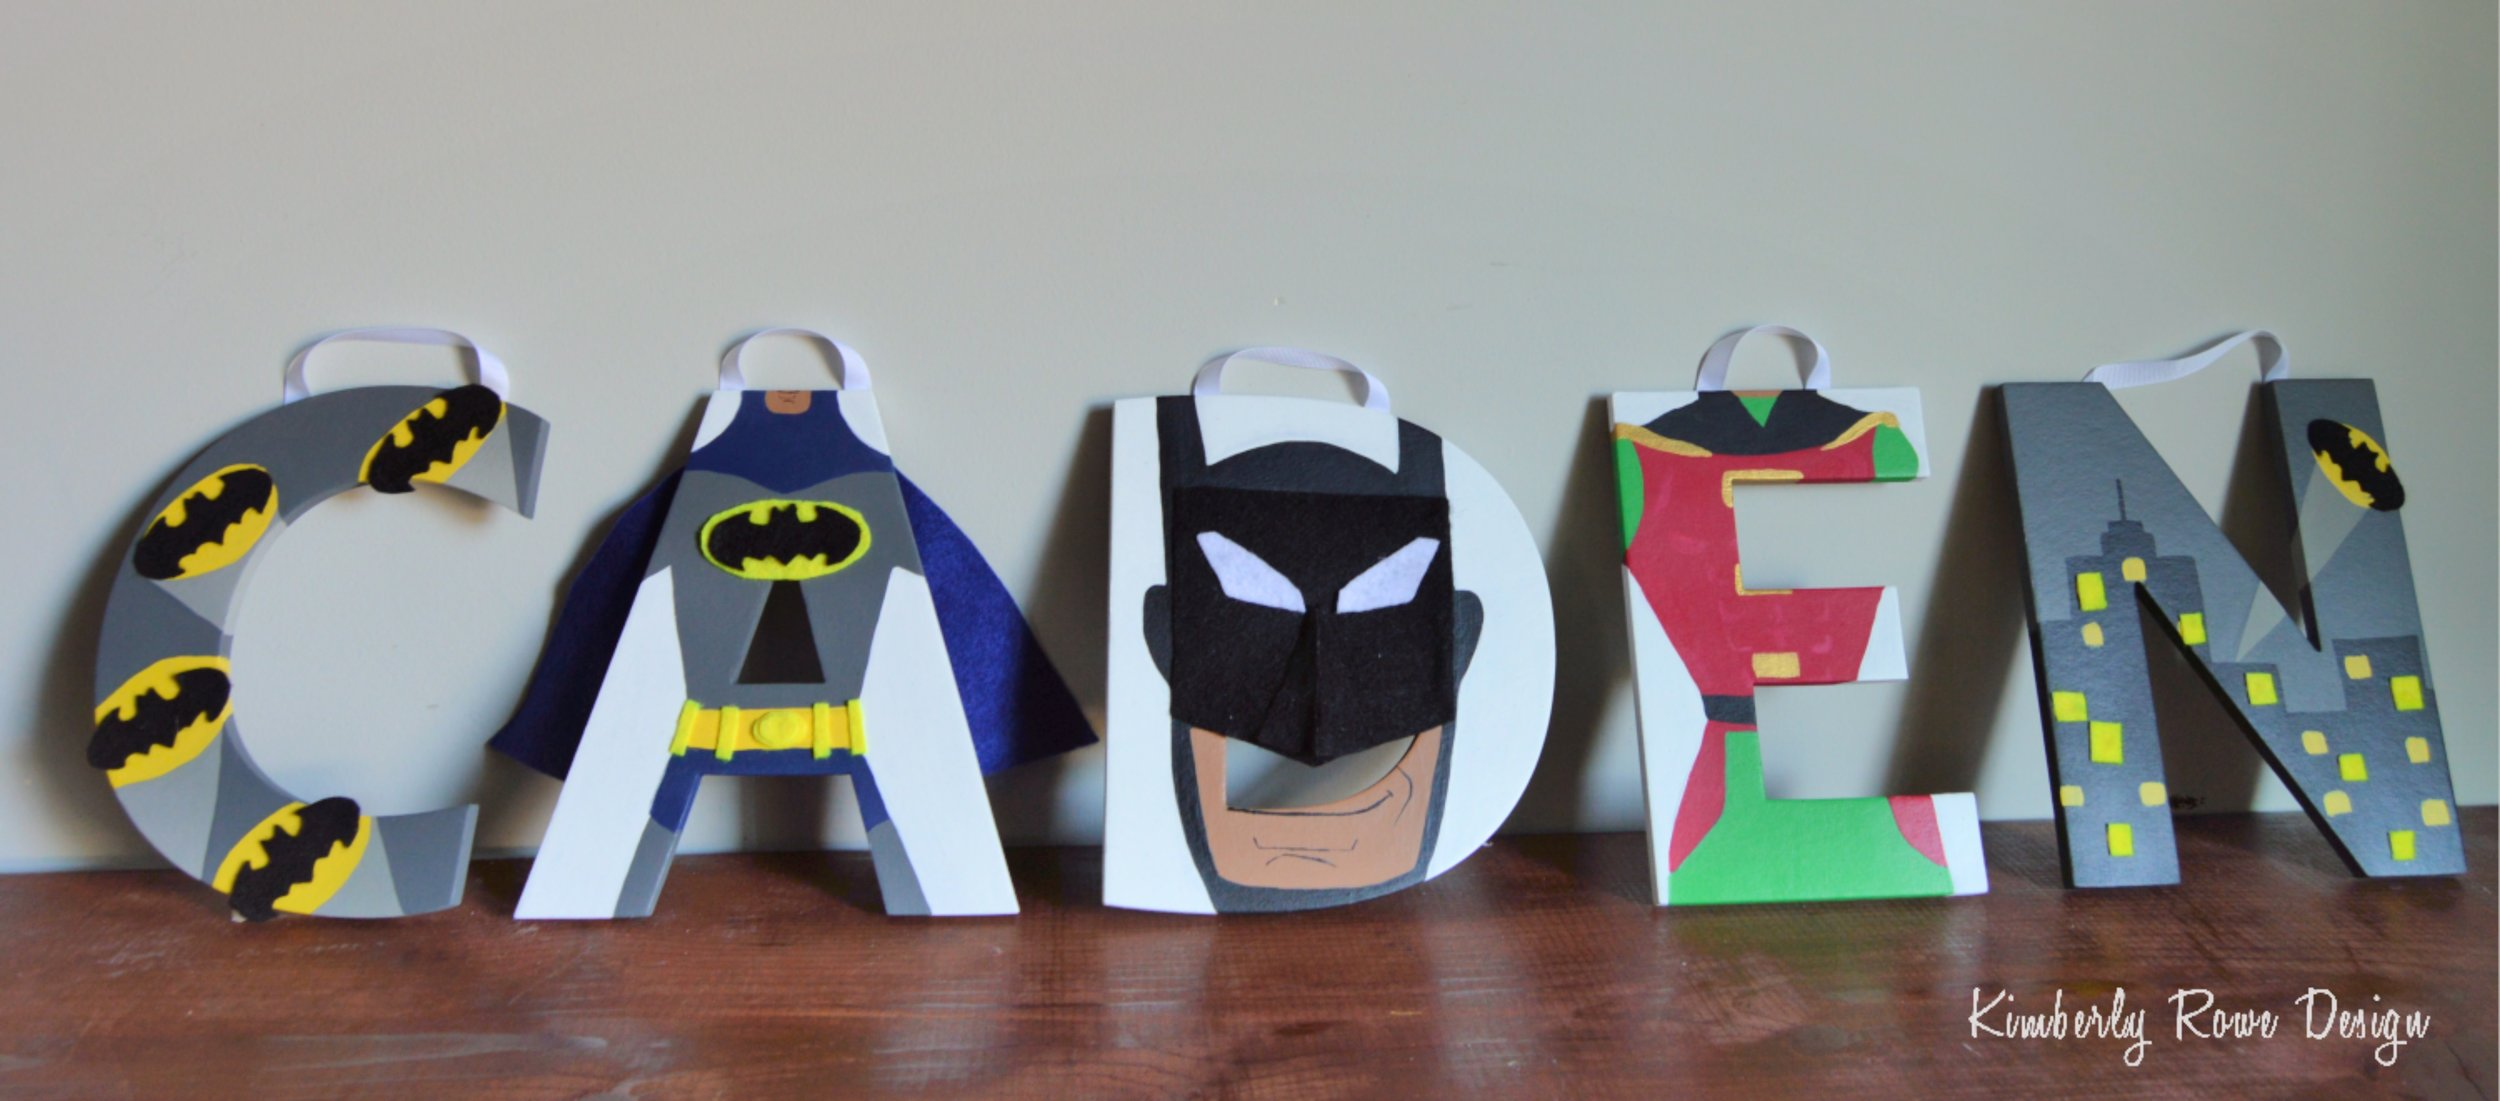 Batman - KRD Name Decor.jpg